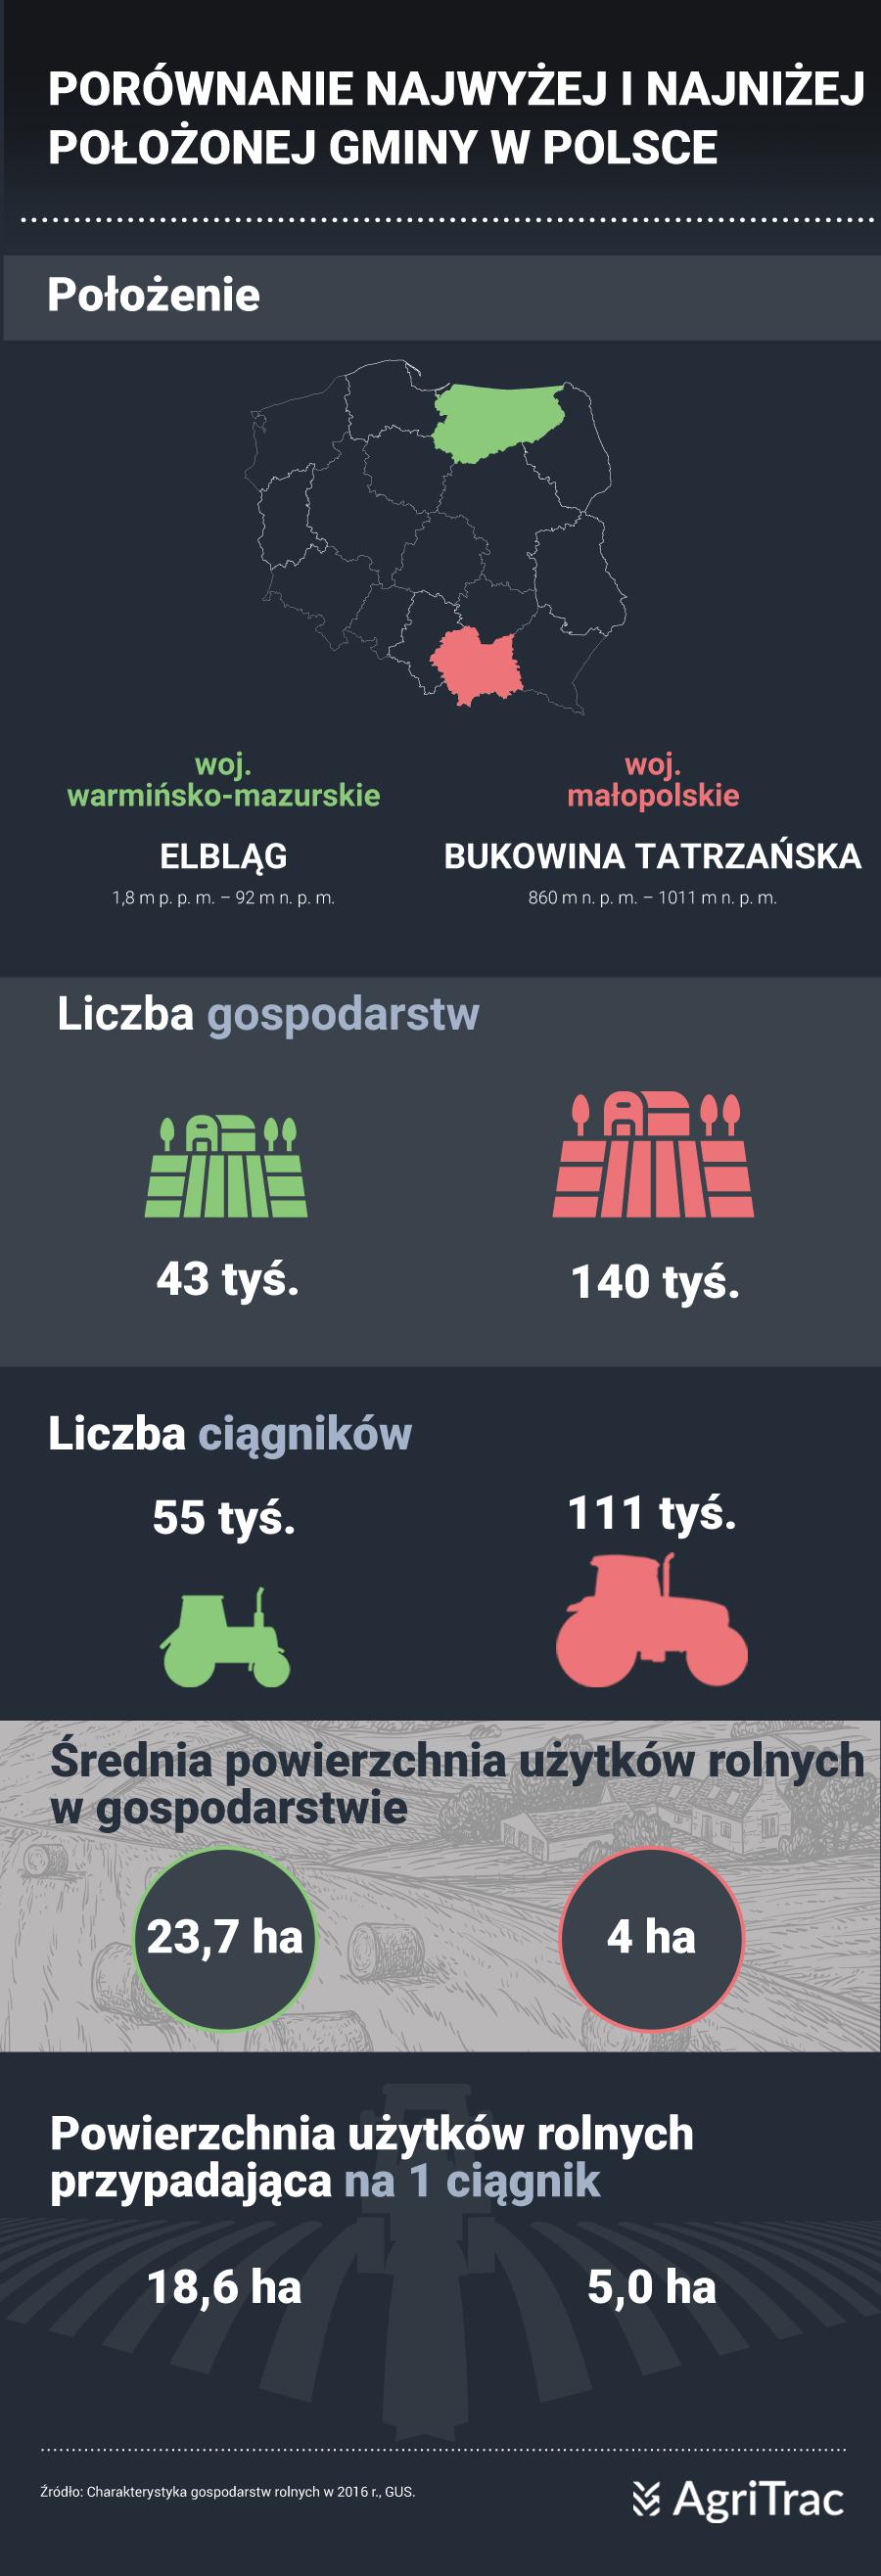 Elbląg Bukowina Tatrzańska gospodarstwa rolne